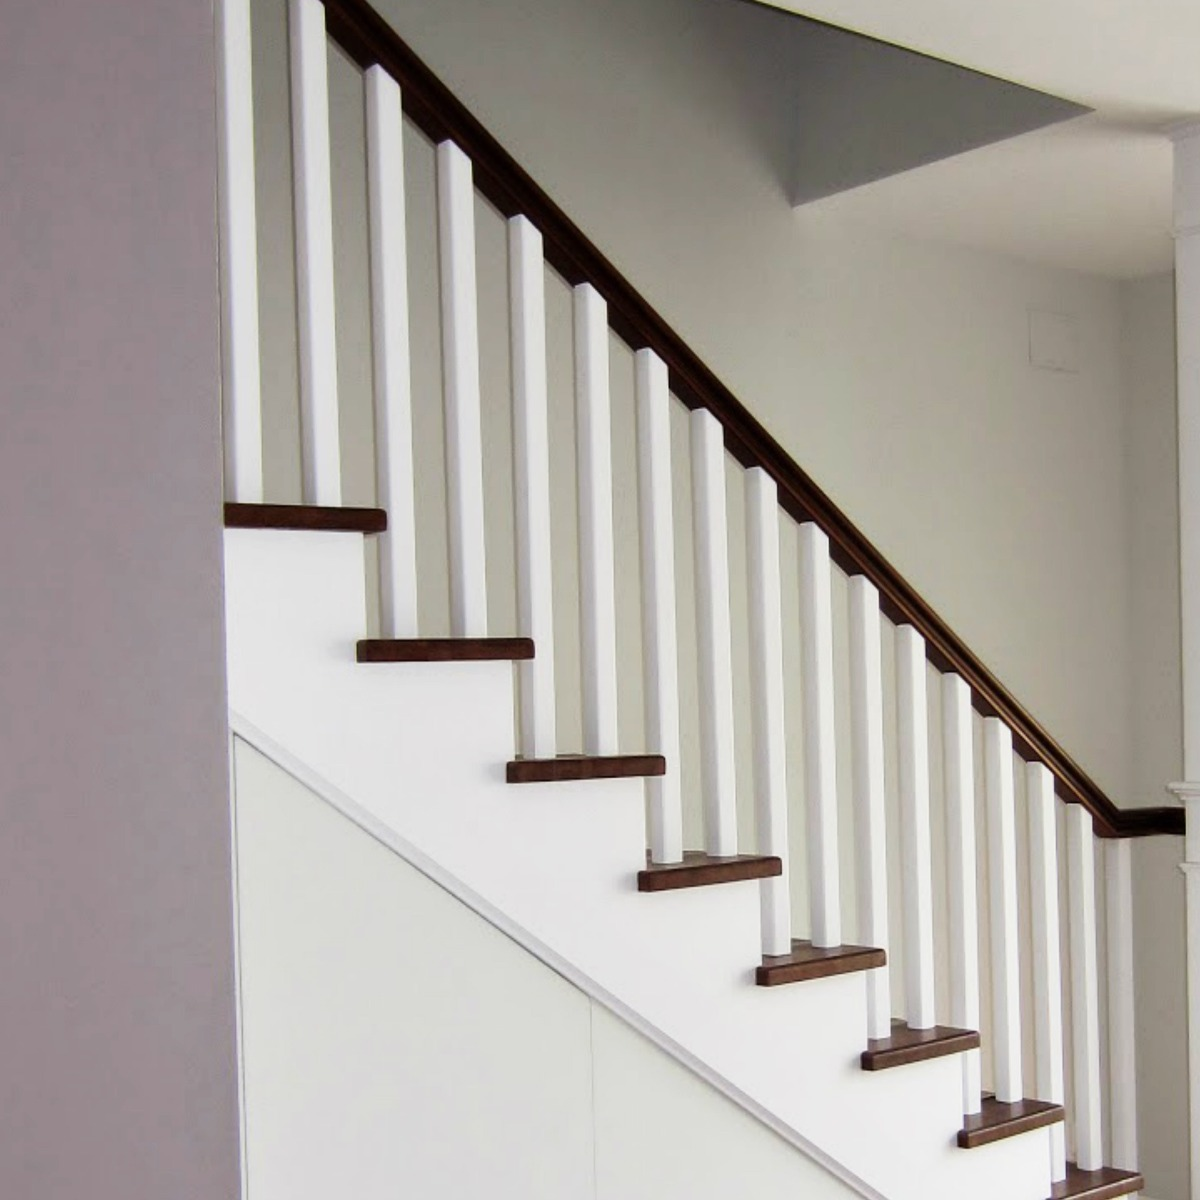 tornera balaustre madera baranda escaleras columna pasamano